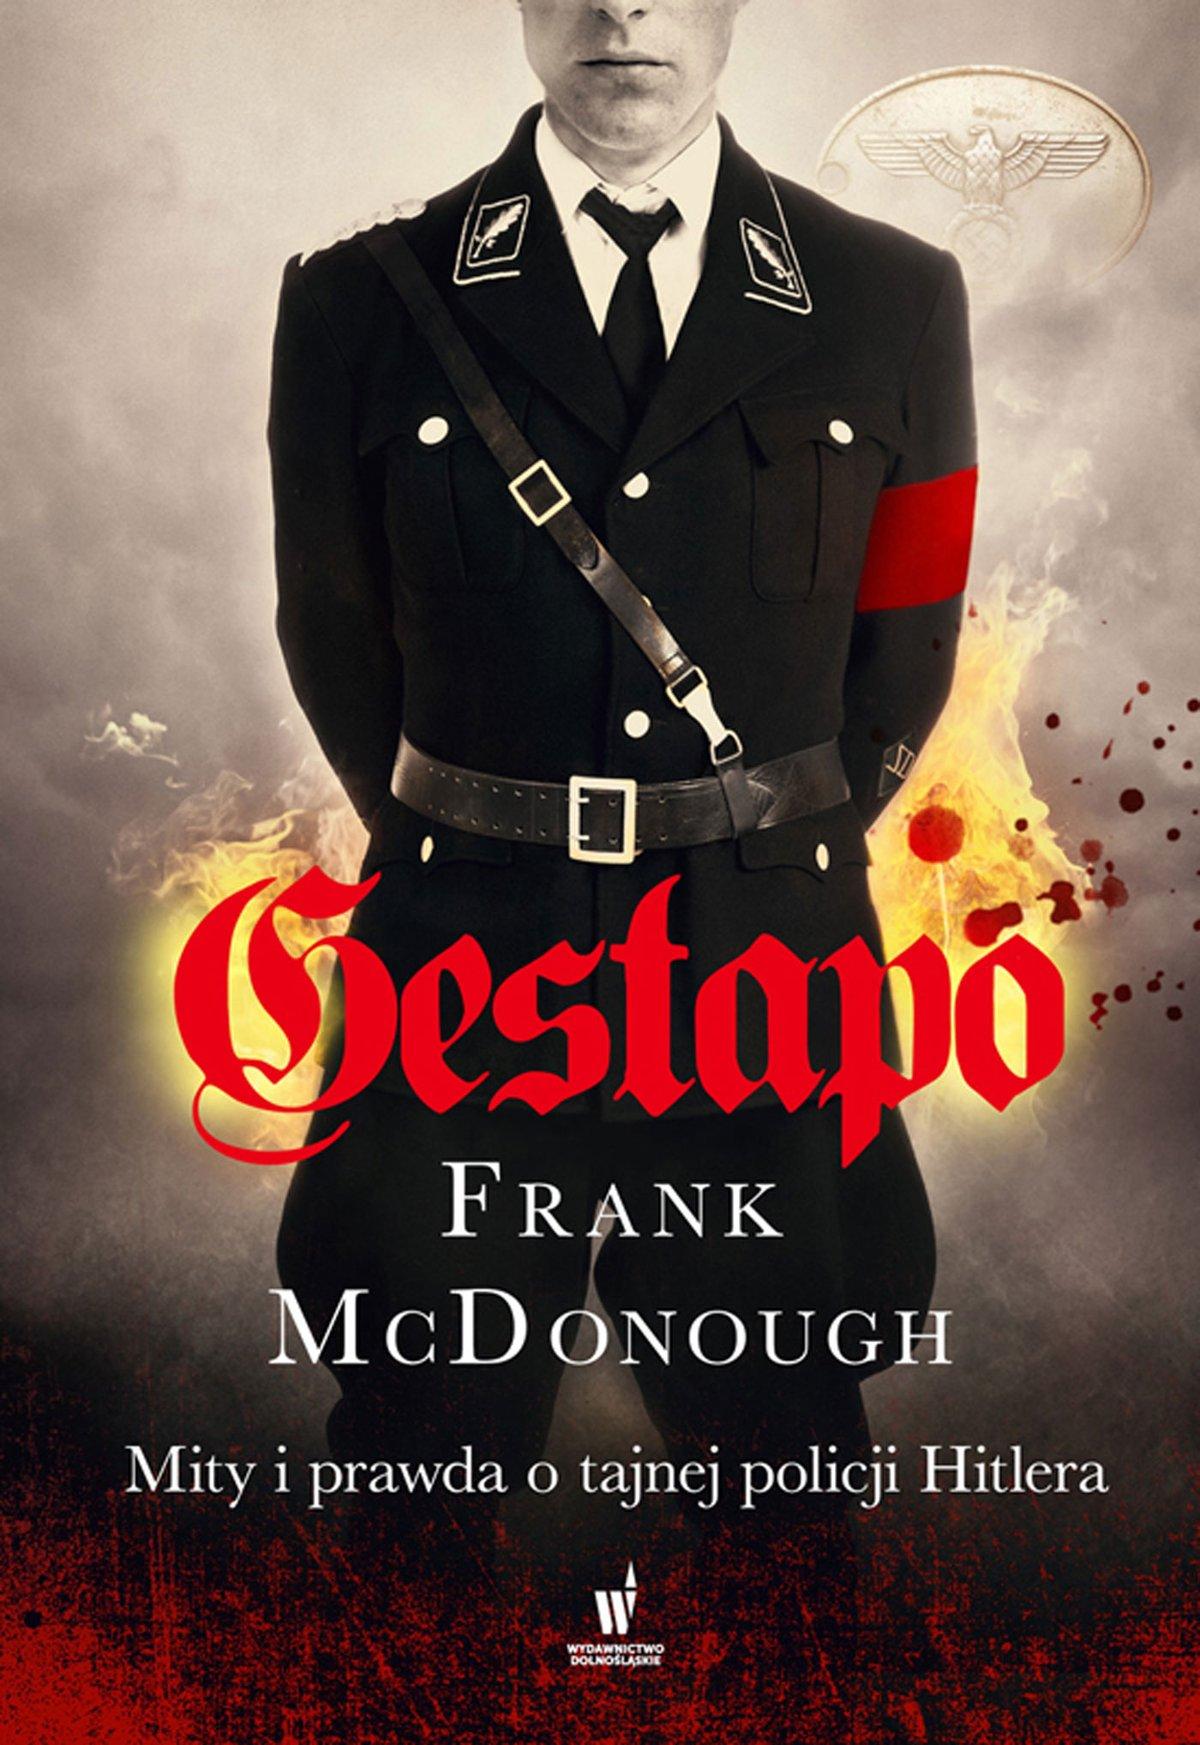 Gestapo - Ebook (Książka na Kindle) do pobrania w formacie MOBI